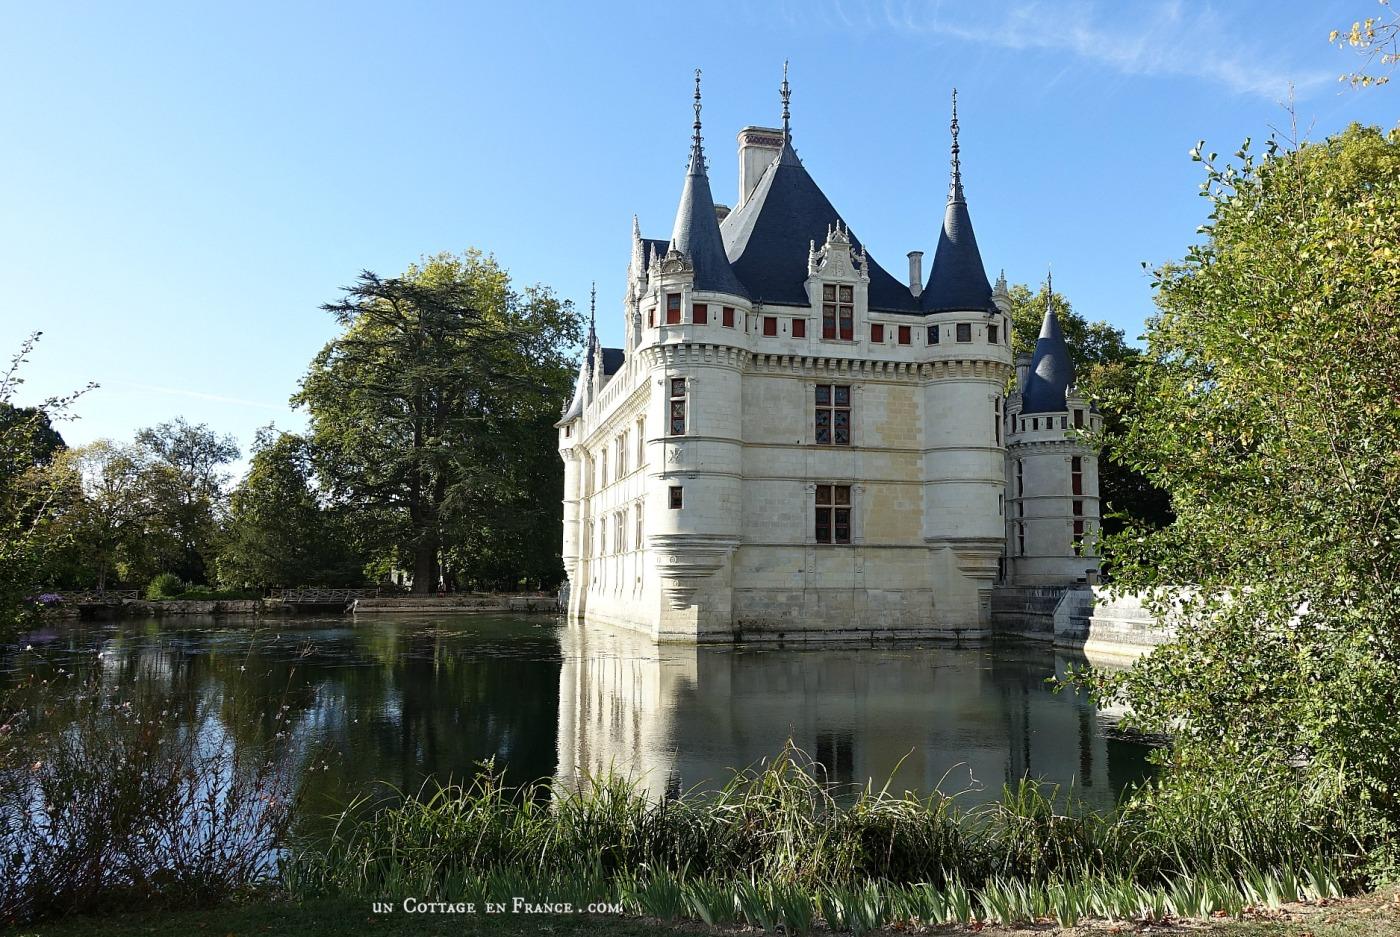 Azay le rideau Chateau 2